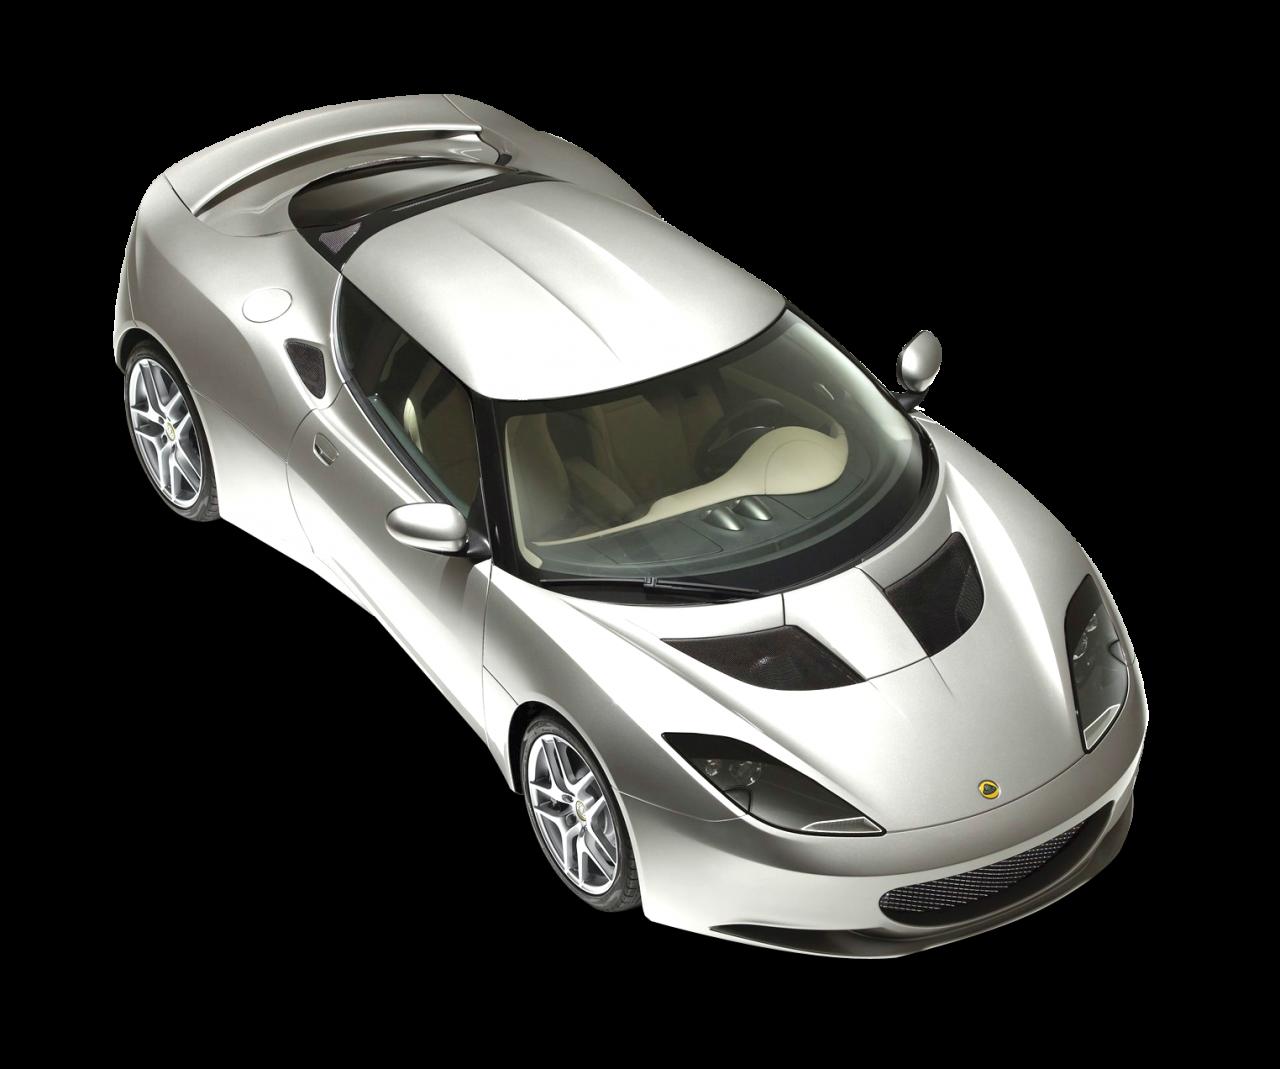 Lotus Evora Top View Car PNG Image - PurePNG